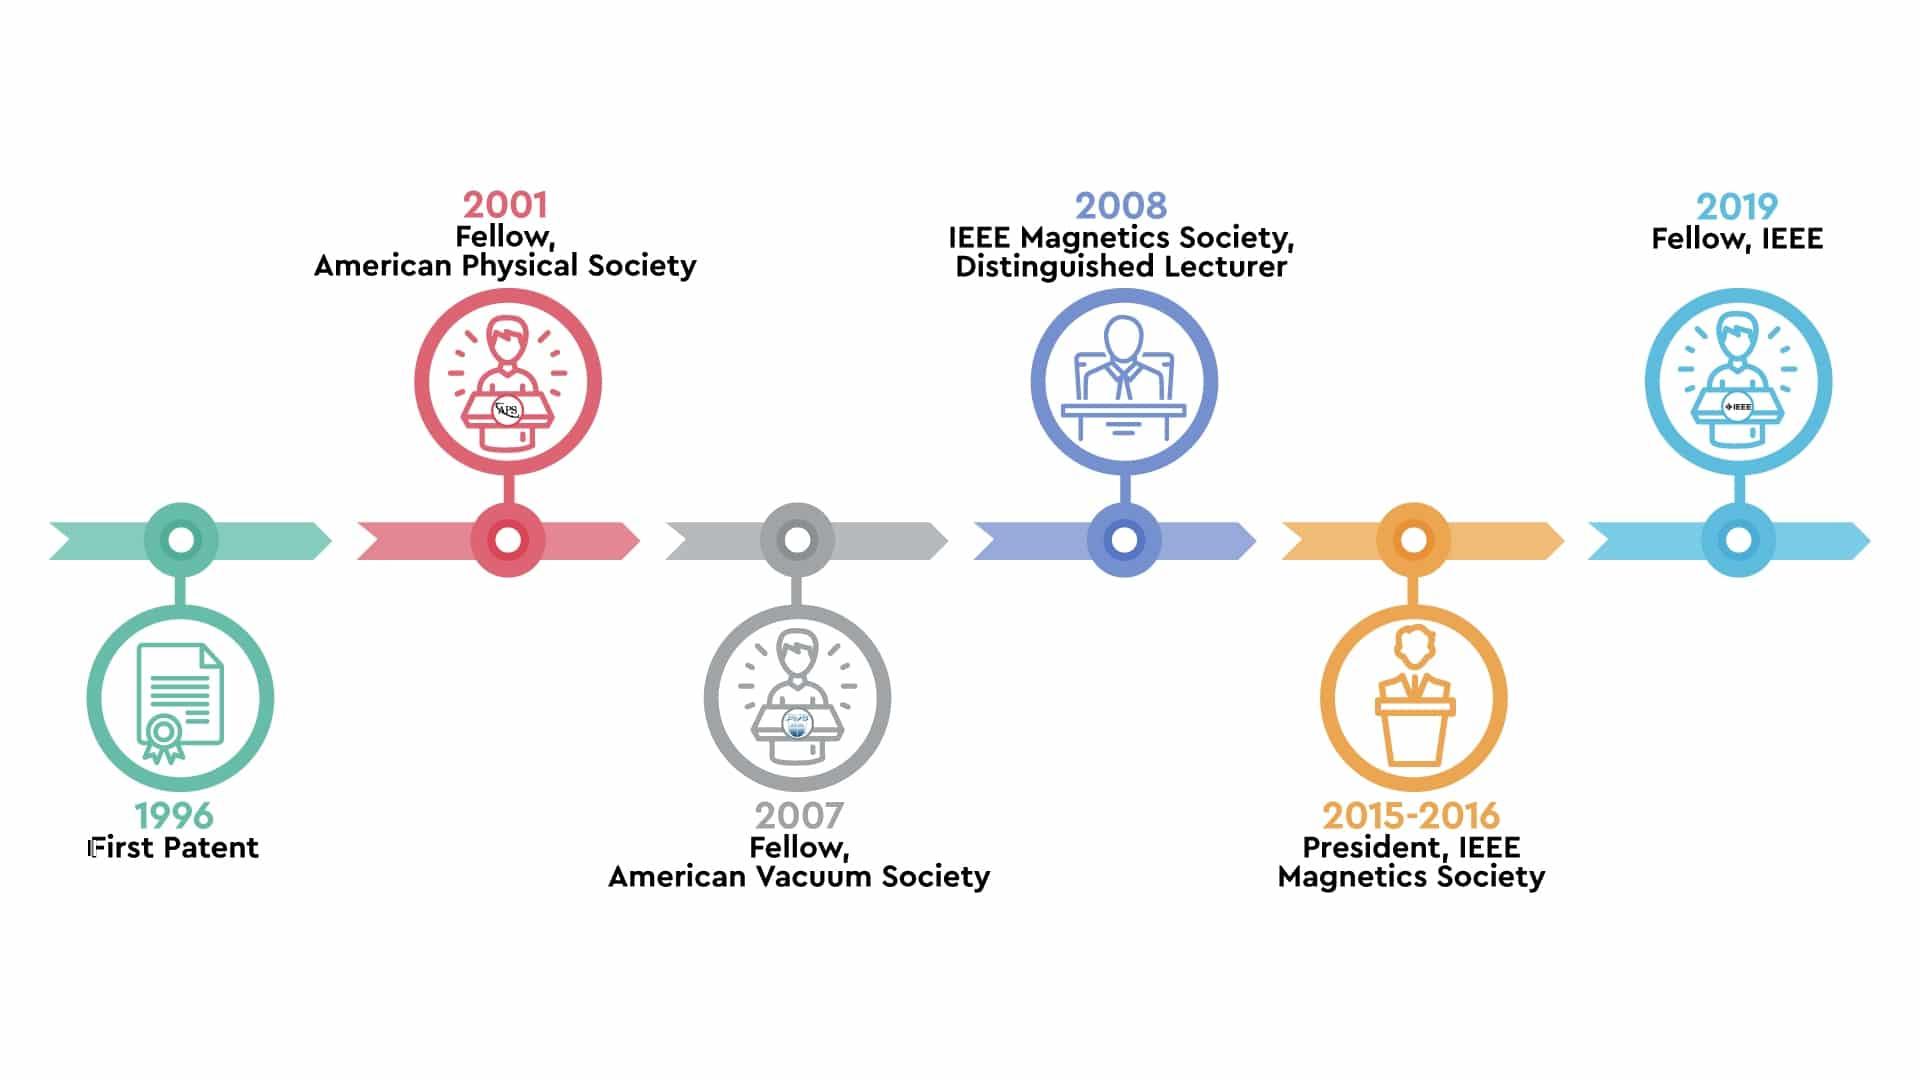 IEEE Fellow Bruce Terris timeline of career so far